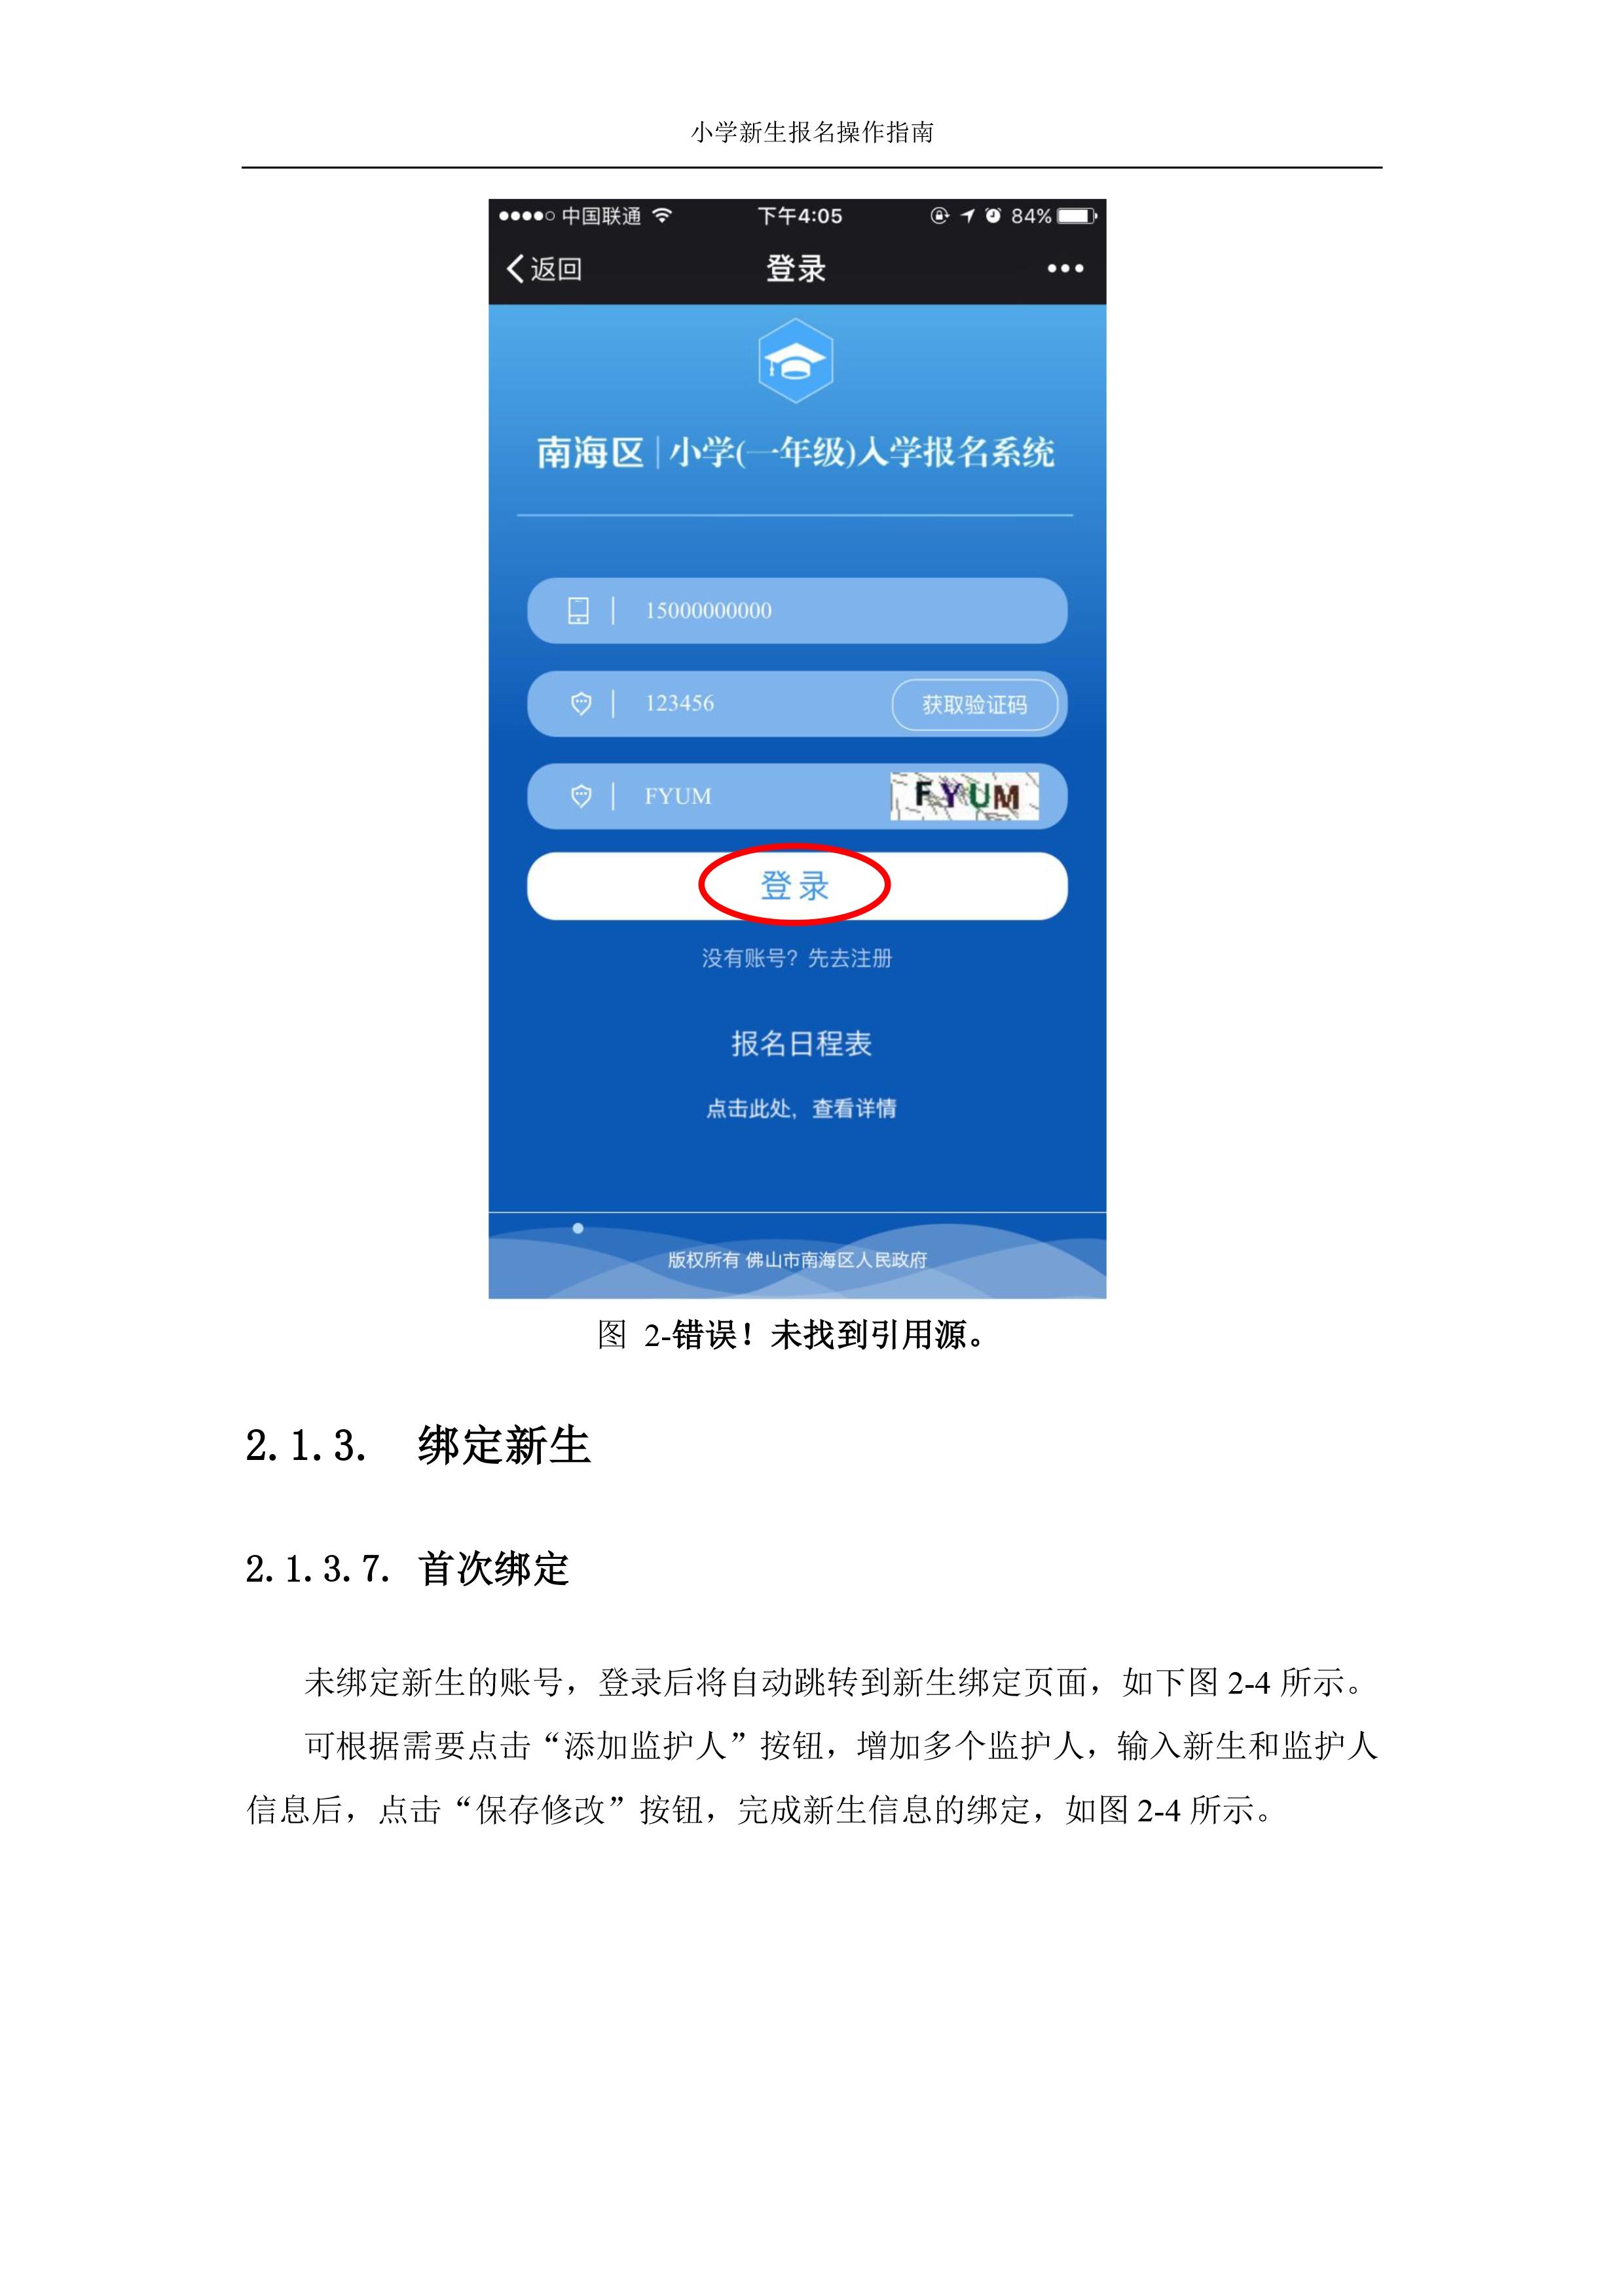 公办小学(一年级)入学服务系统(网上报名)-操作指南-30.jpg